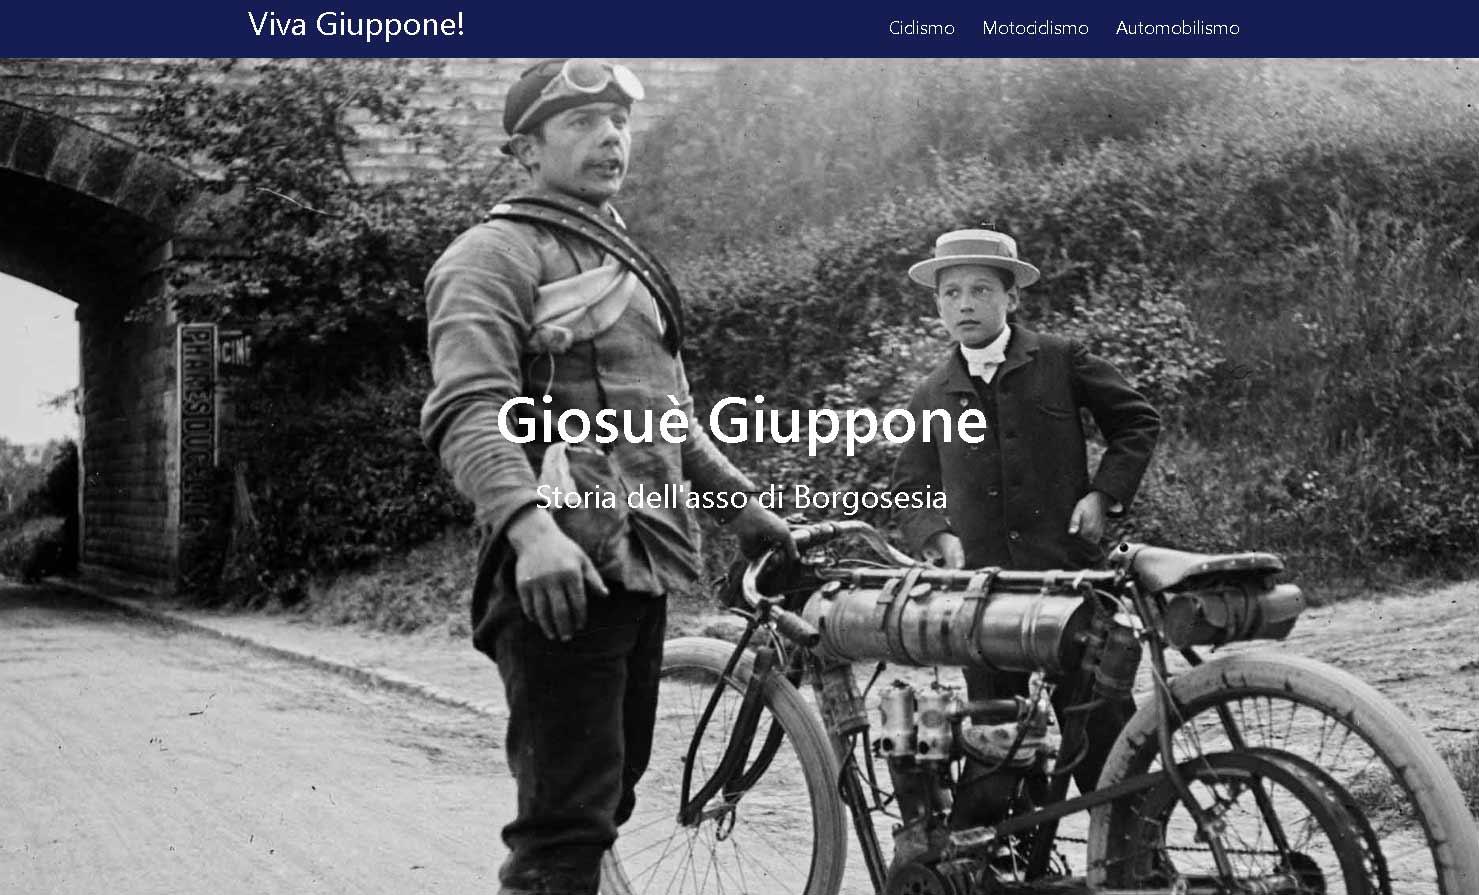 homepage-snapshot.jpg